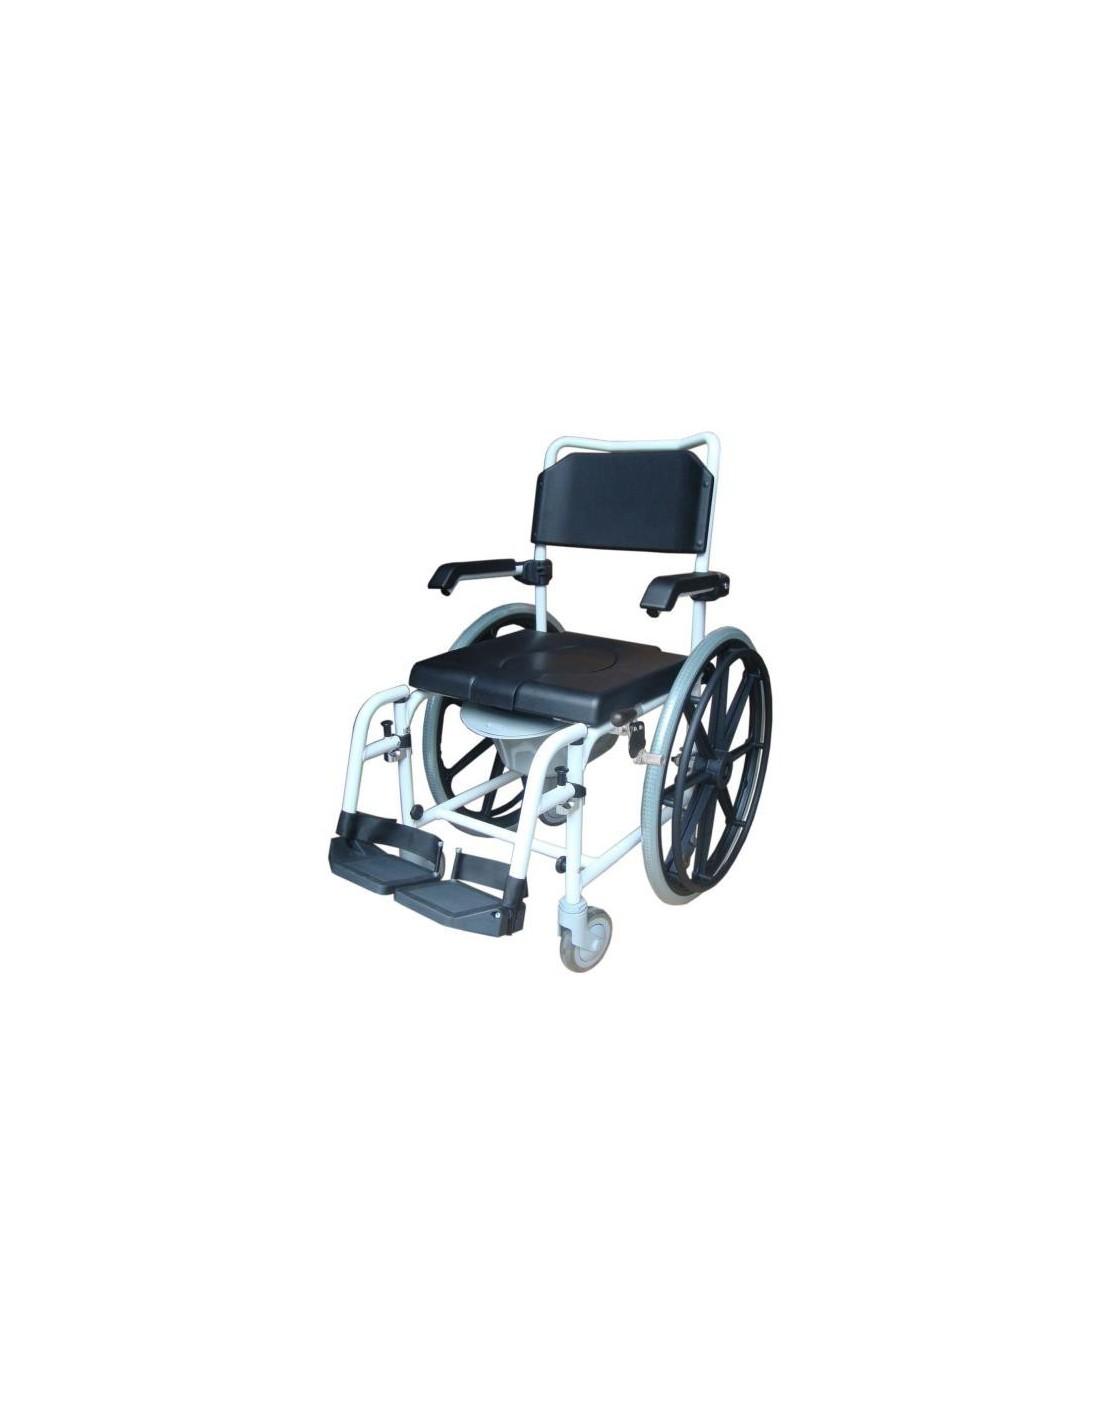 Sedia da doccia wave con ruote grandi ausilio per anziani - Sedia da bagno per disabili ...